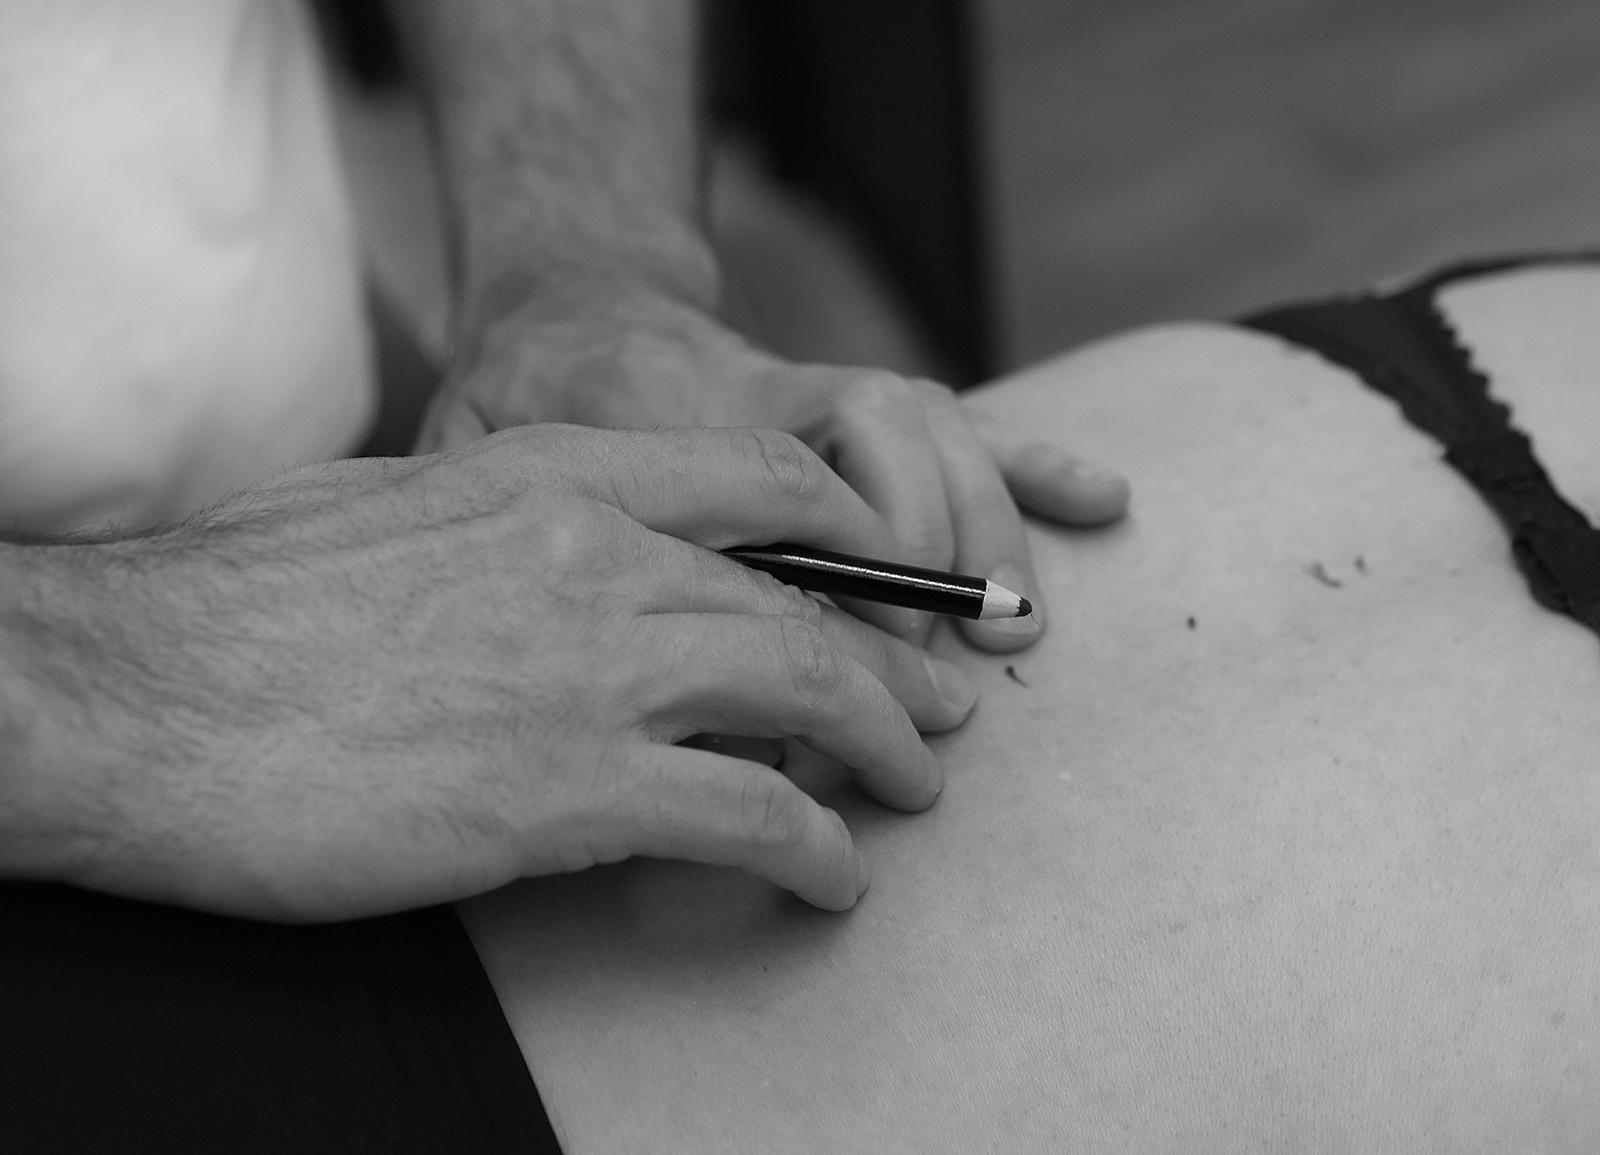 Artrokinesiologie behandeling